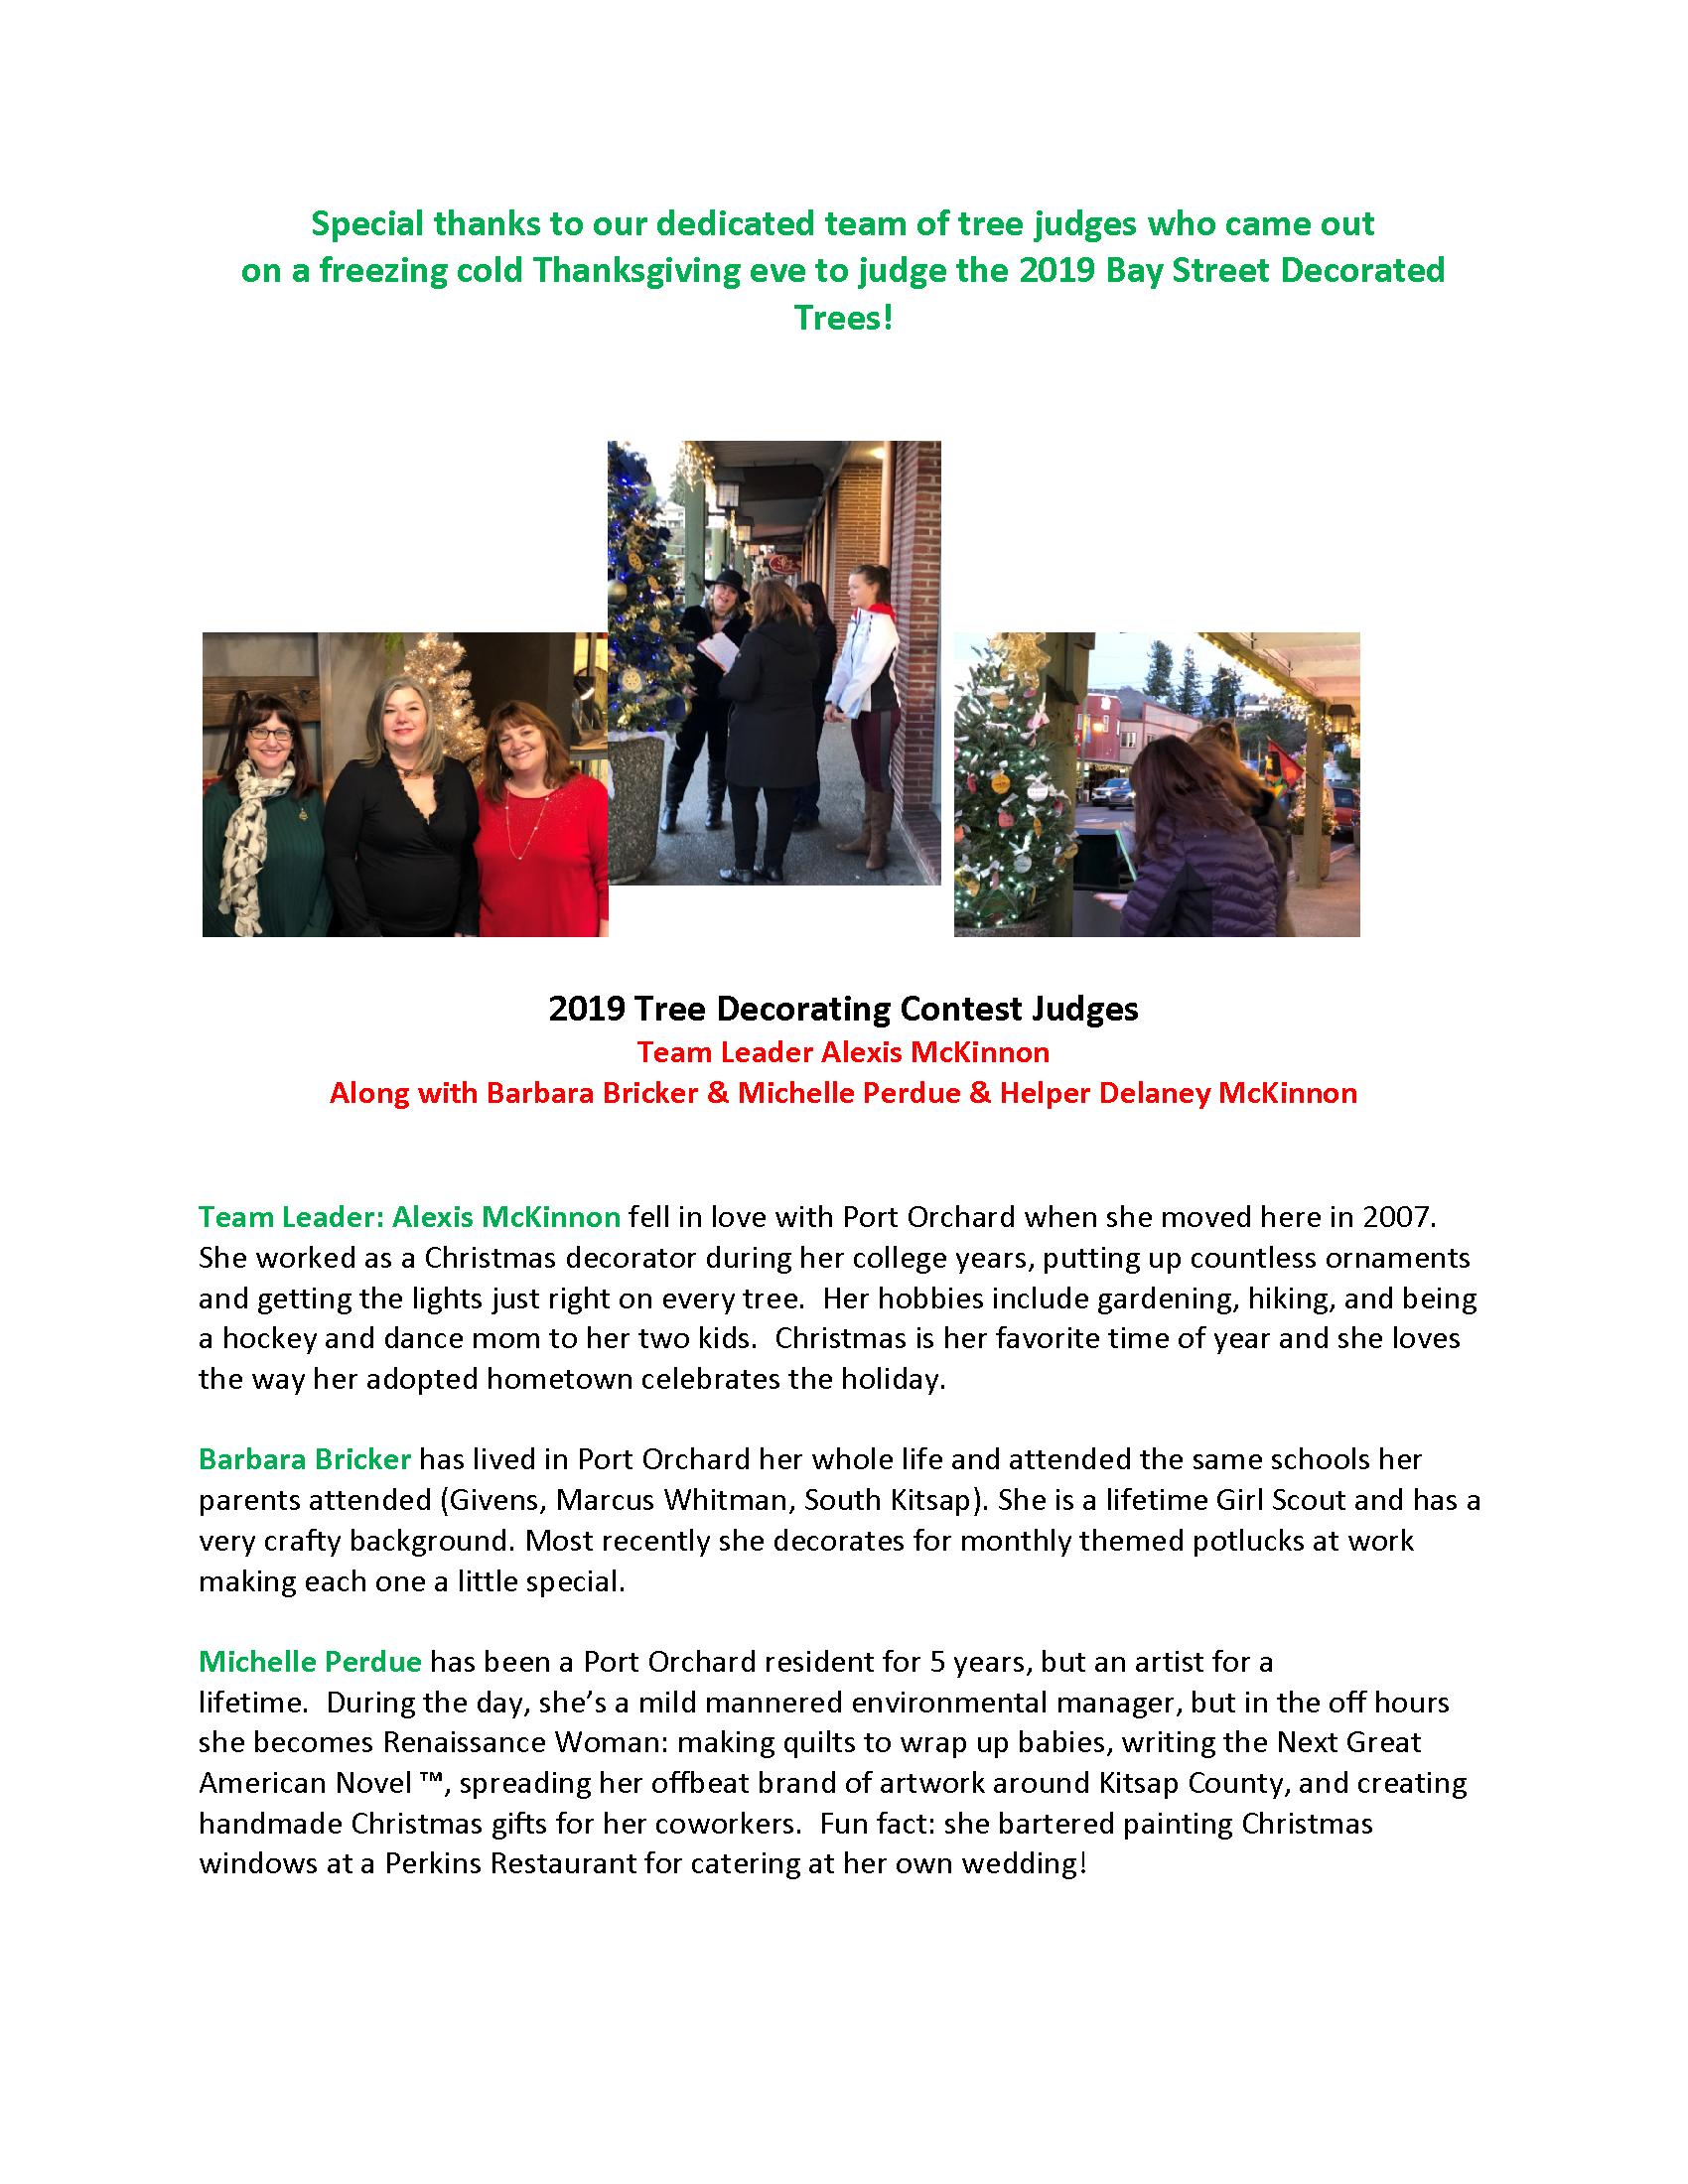 revised 2019 tree judges